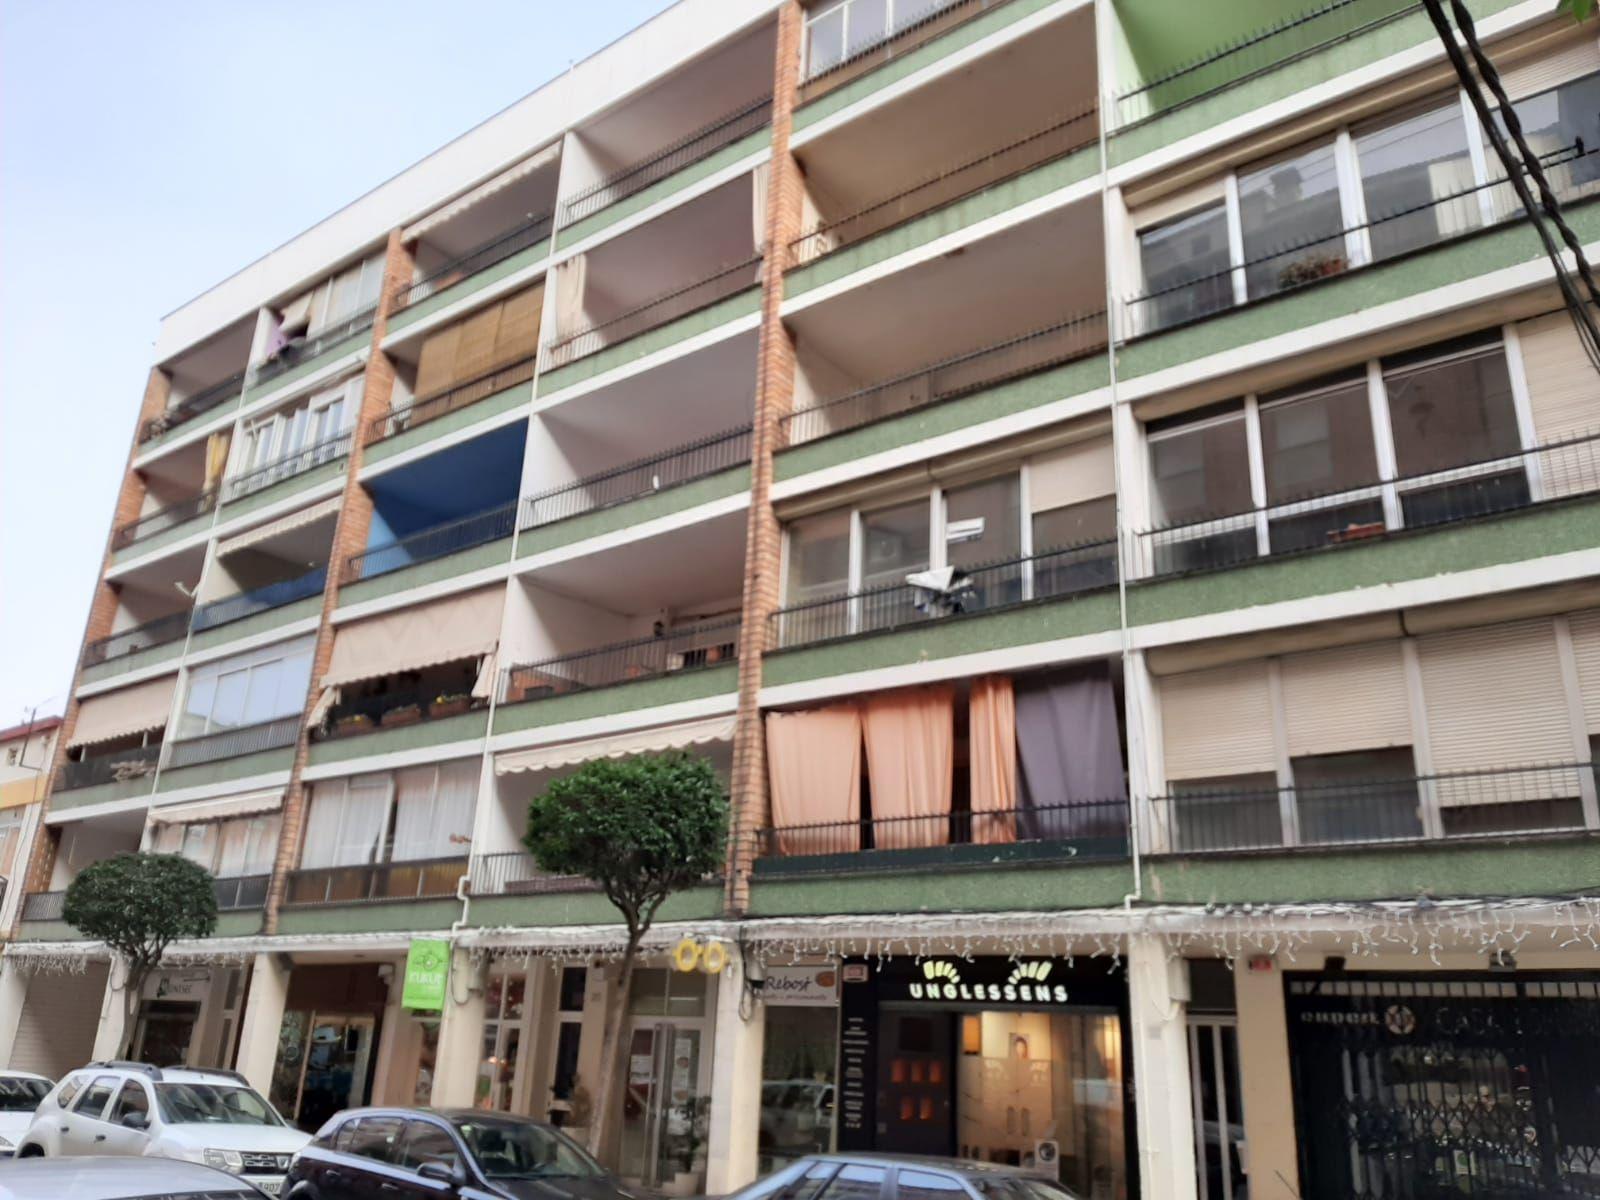 Piso en venta en Balaguer, Lleida, Calle Padre Sanahuja, 33.800 €, 3 habitaciones, 1 baño, 127 m2